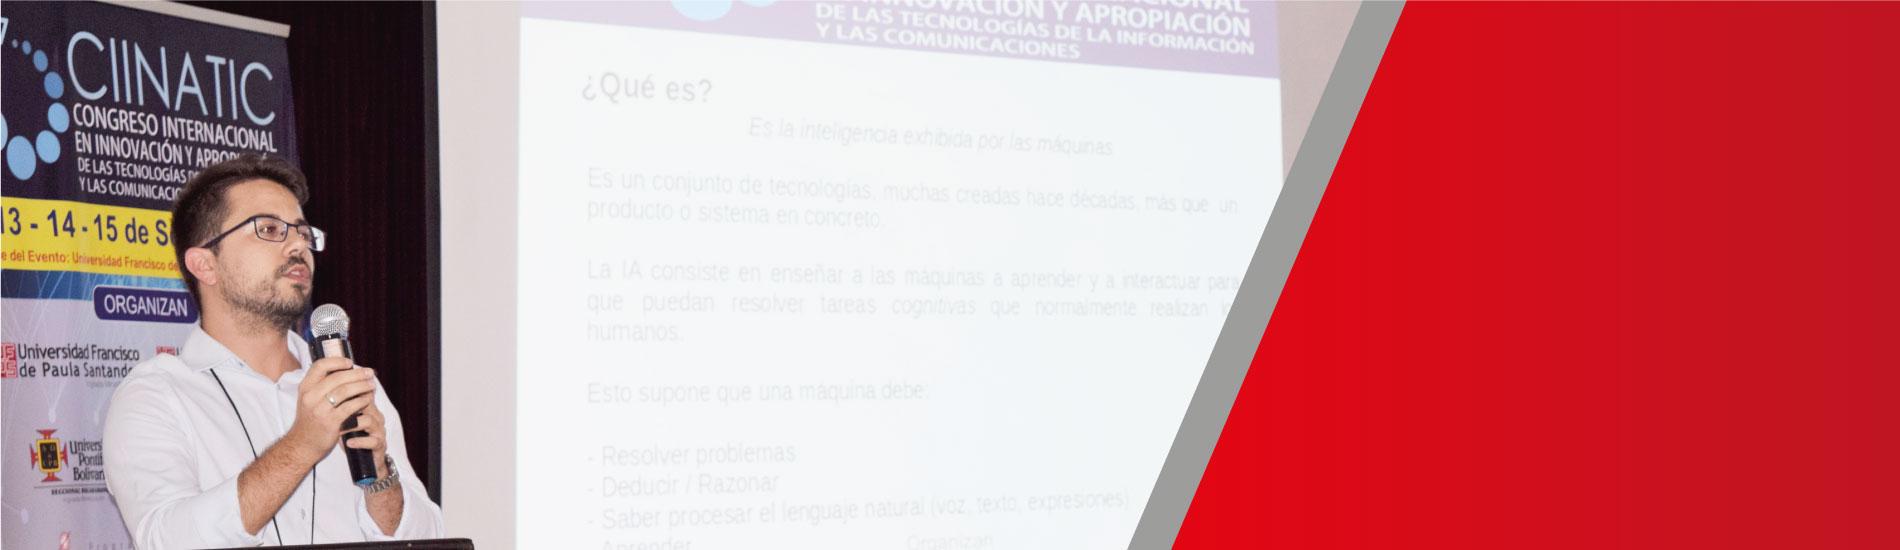 En la UFPS universidades de Santander y Norte de Santander les apuestan a la Innovación y Apropiación de las Tecnologías de la Información y las Comunicaciones